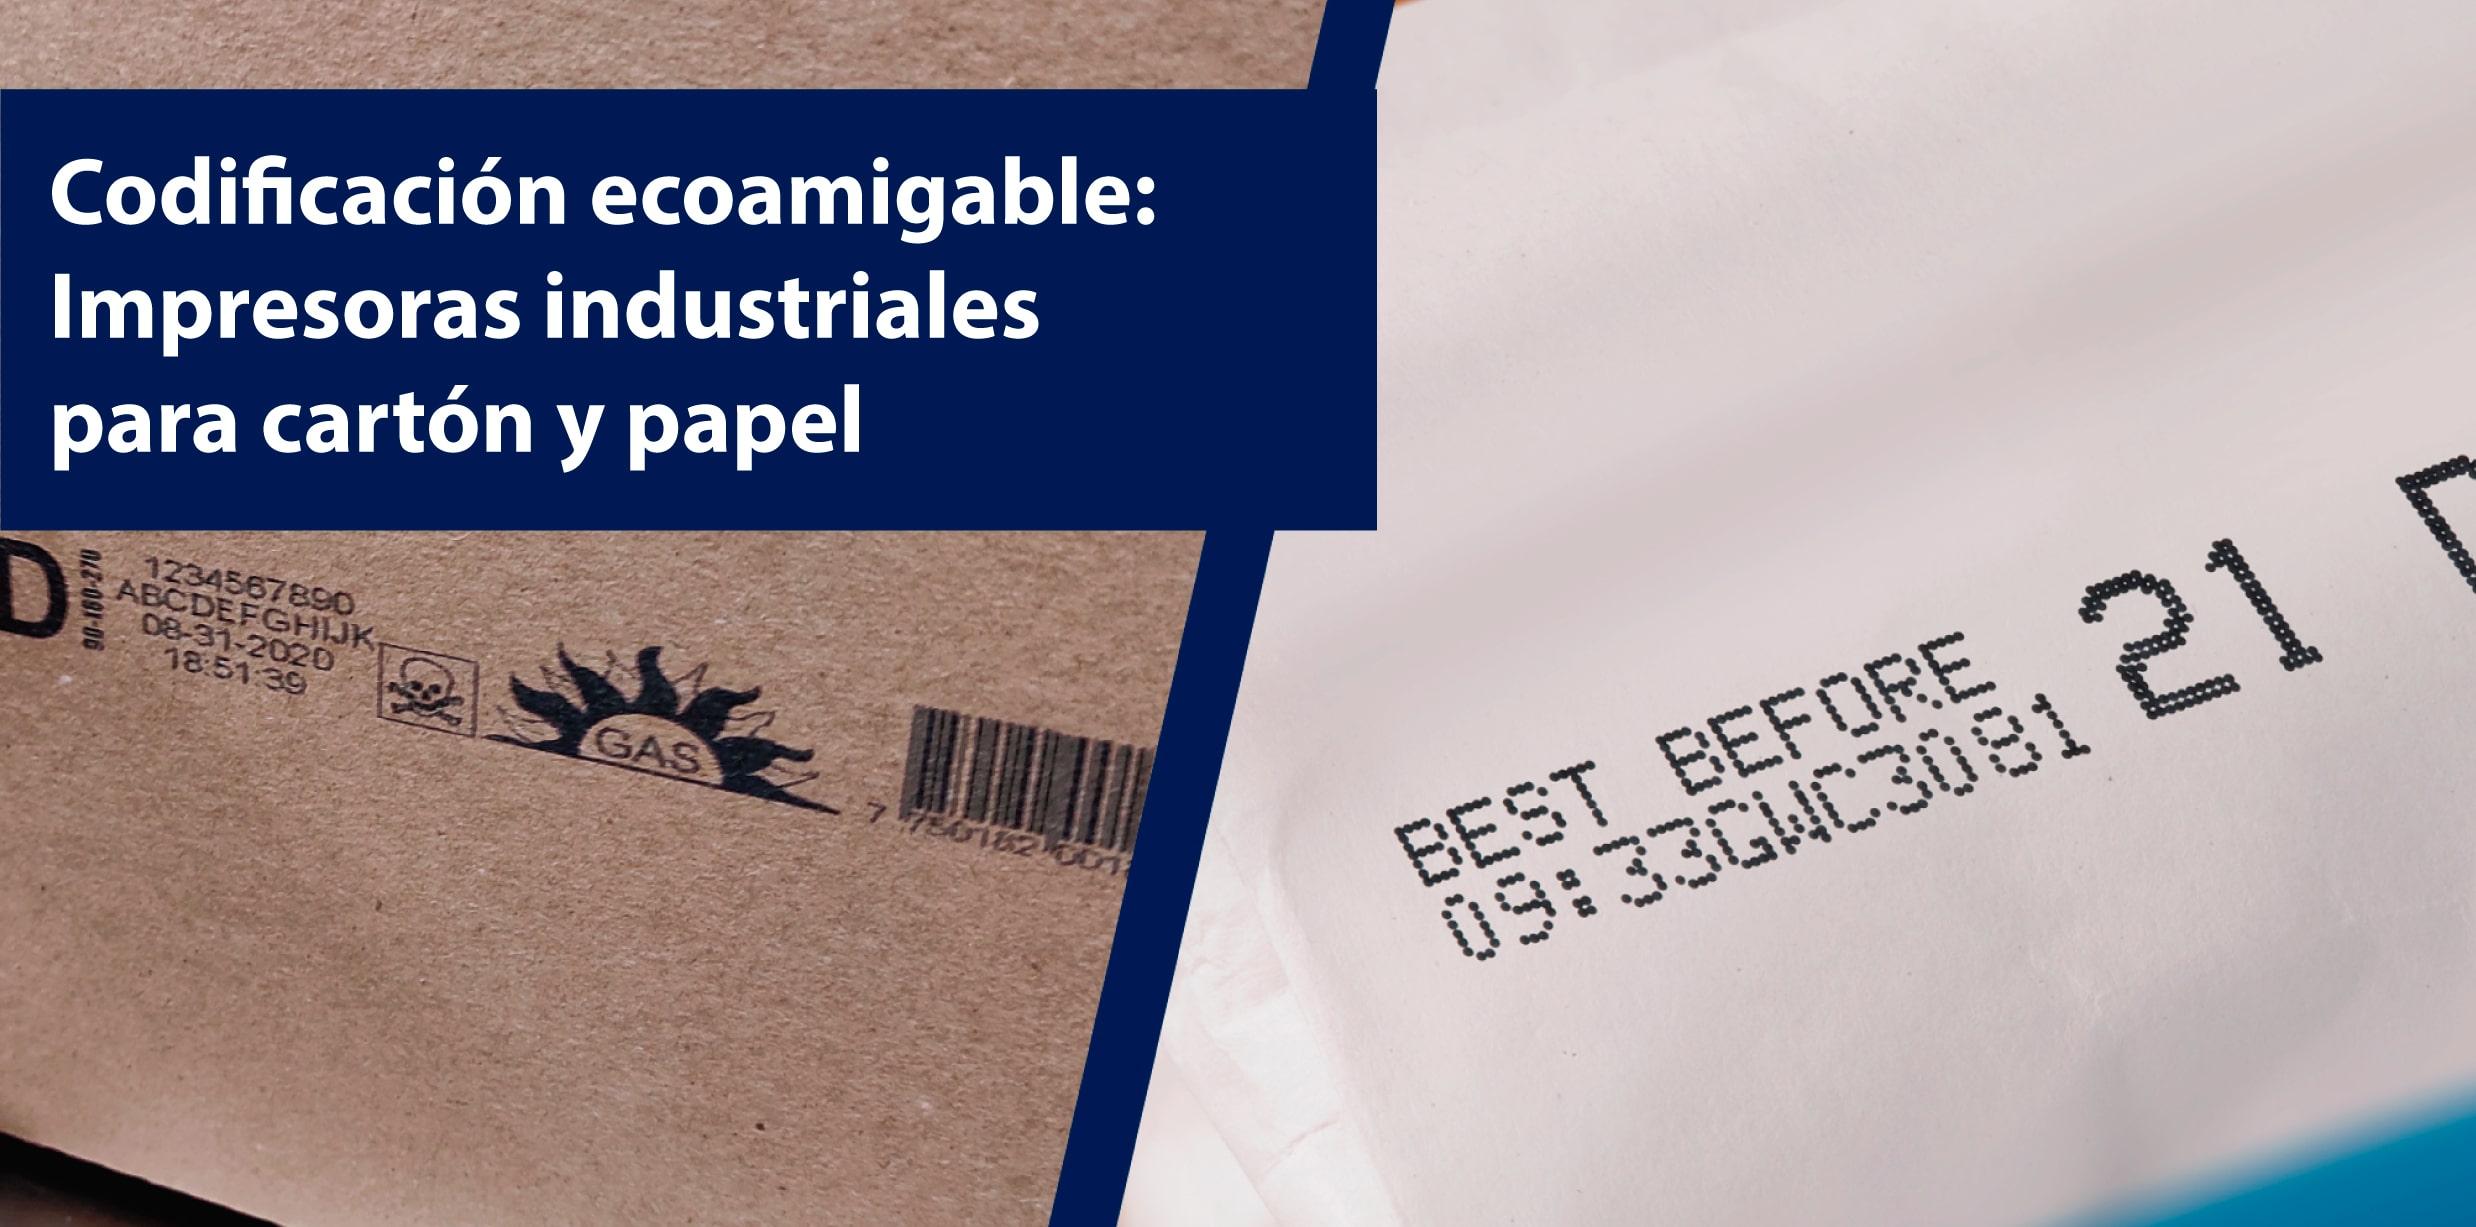 impresoras industriales para carton y papel